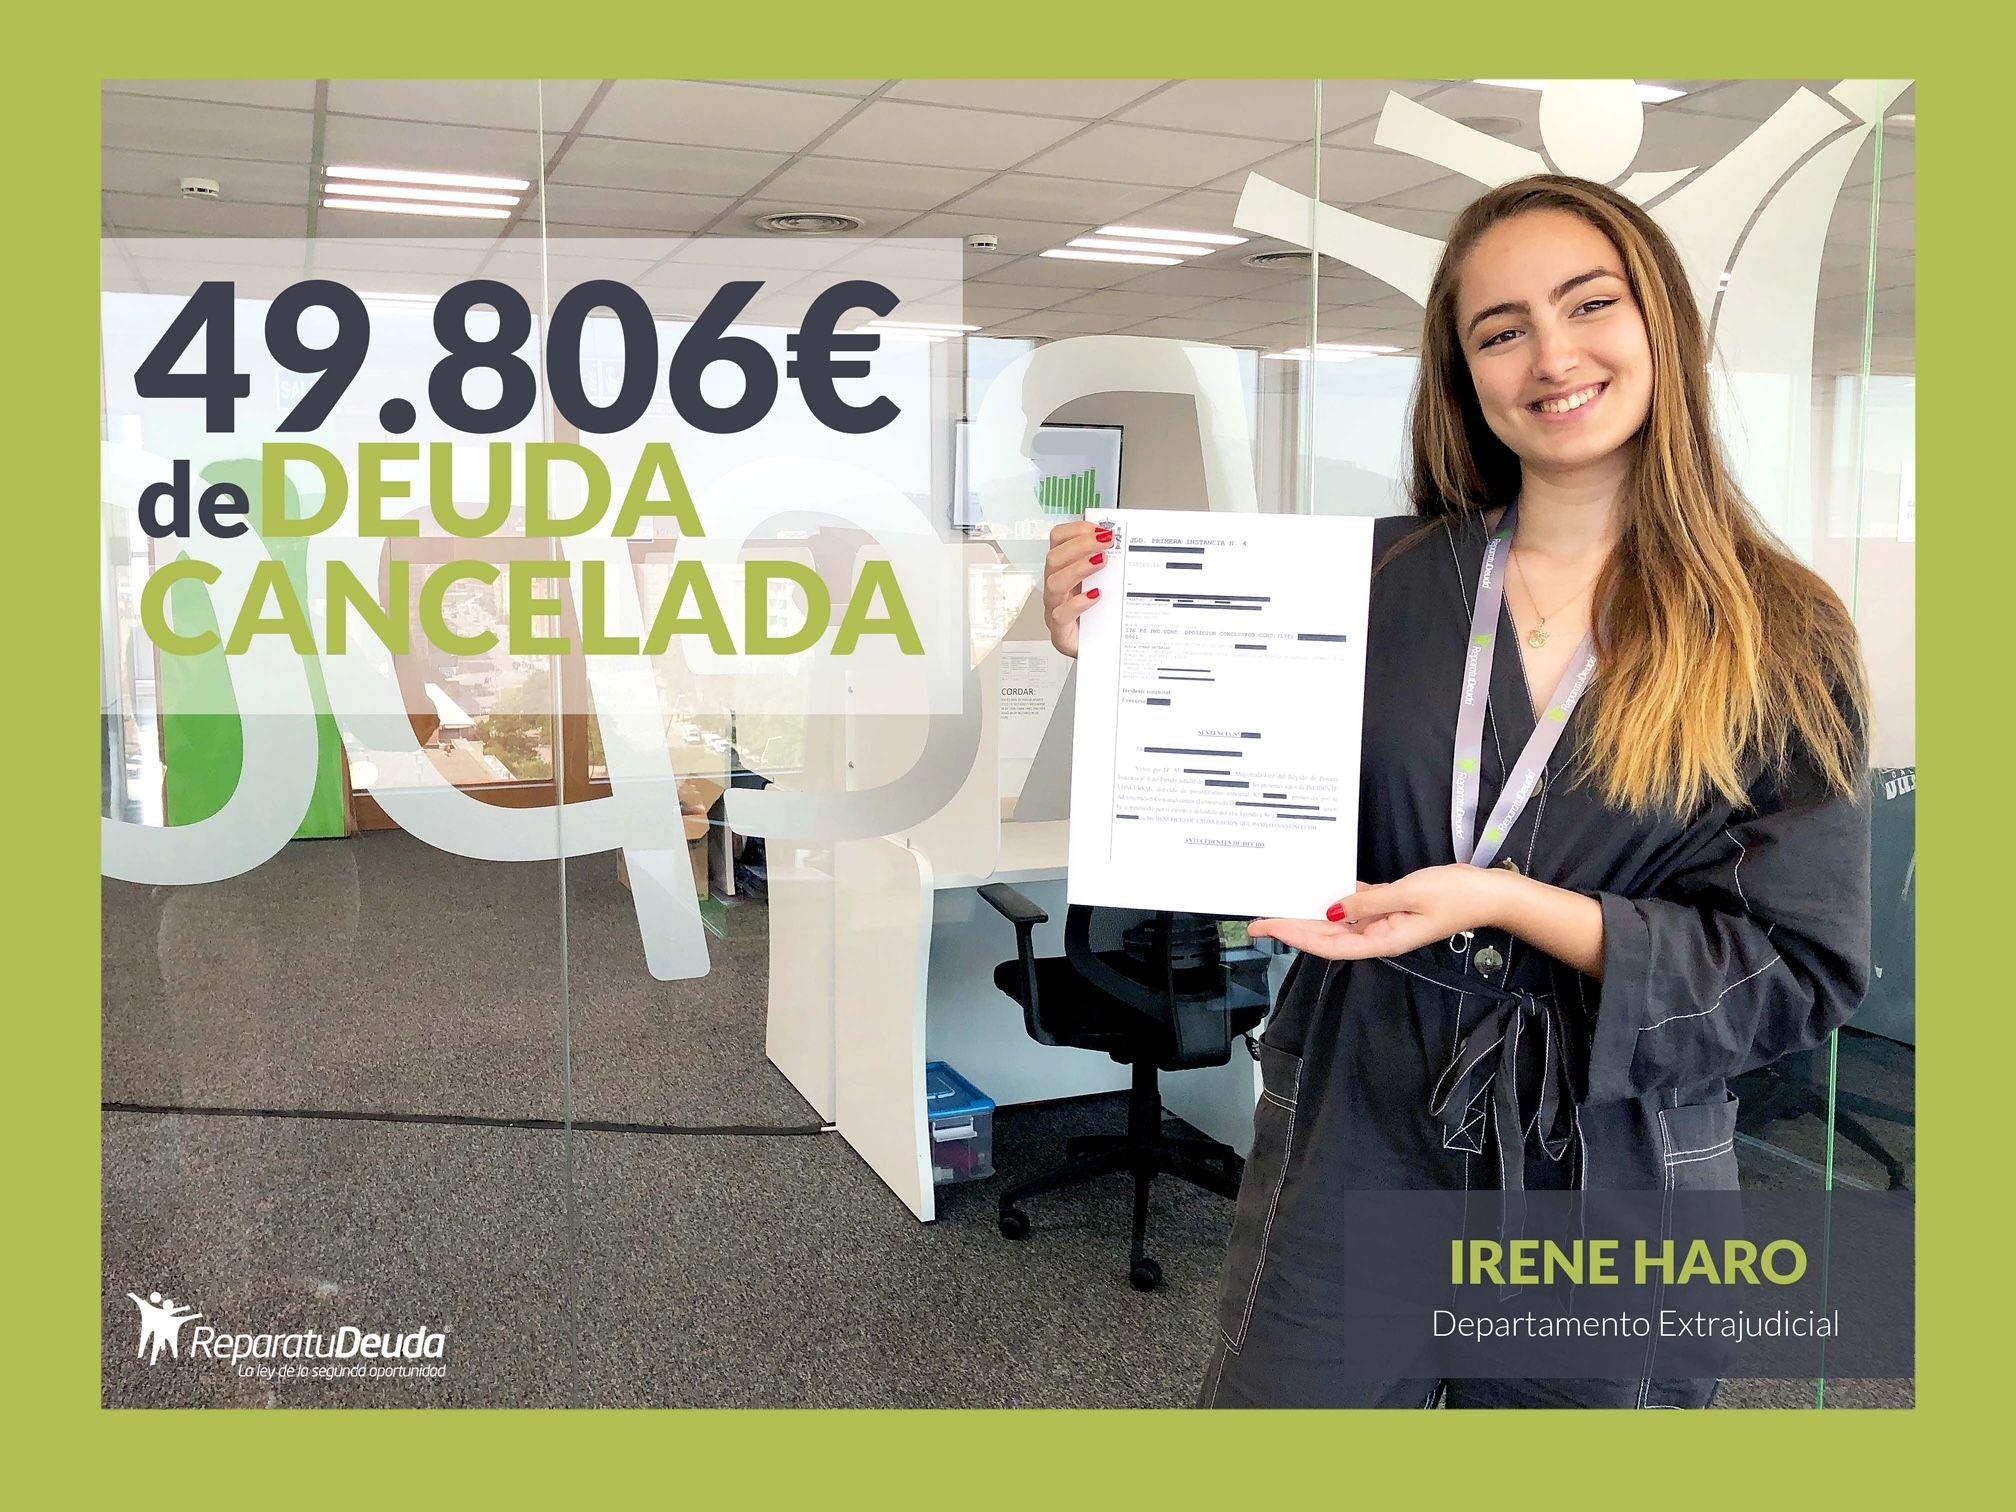 Repara tu Deuda Abogados cancela 49.806 ? en Valencia con la Ley de Segunda oportunidad